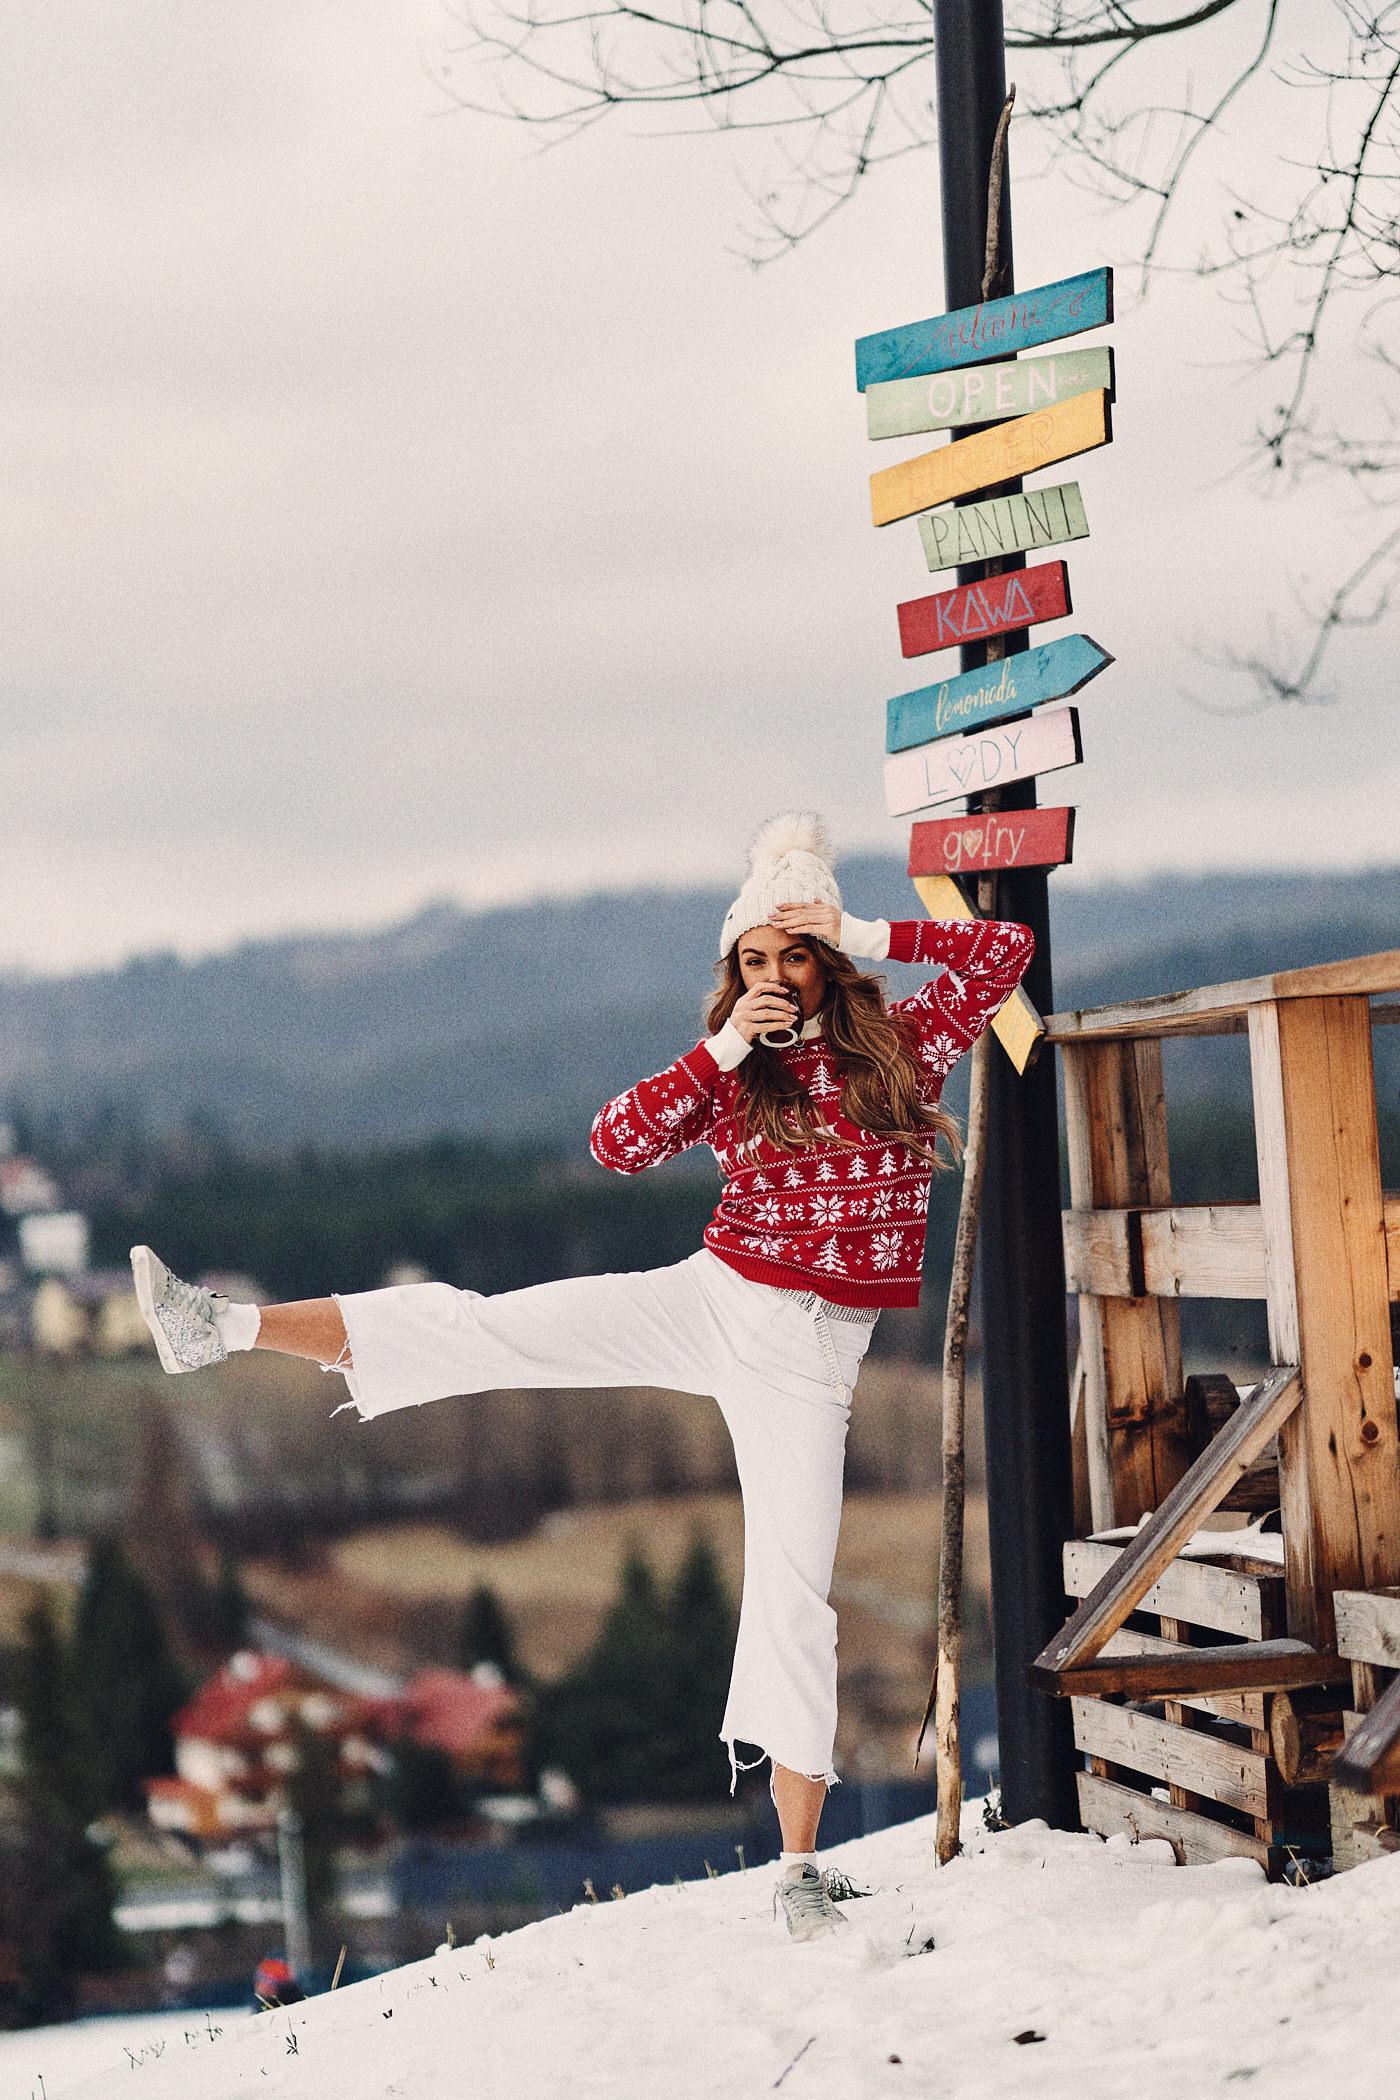 Świąteczny sweter, sweter Mosquito, zima w górach, Istebna